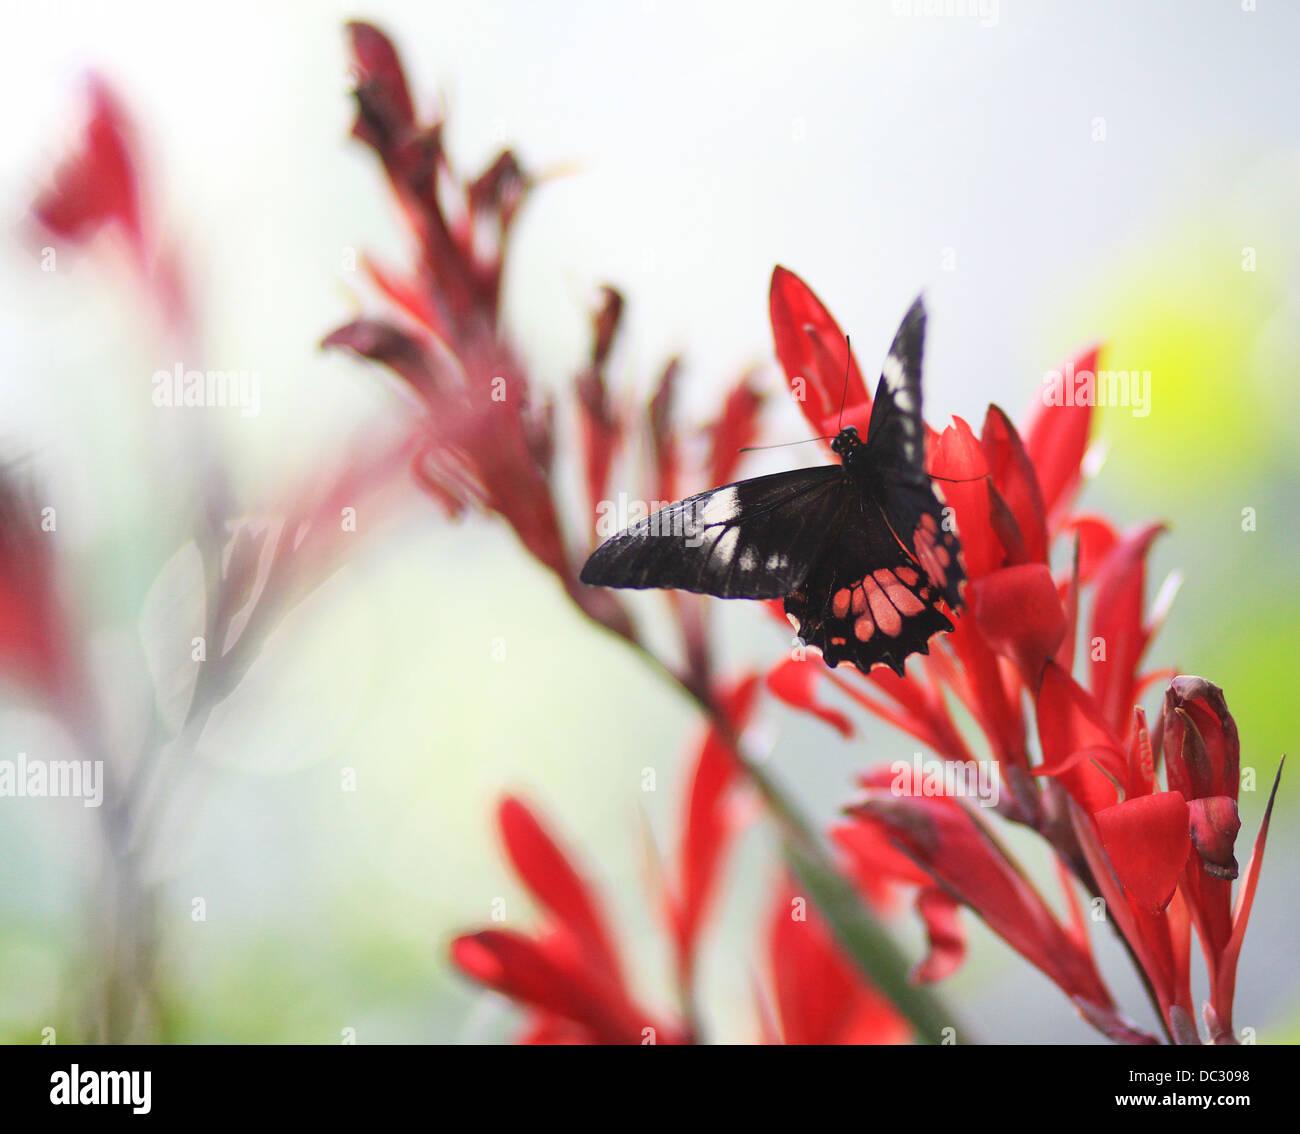 Mormon Papilio polytes (commune),romulus,femme,perché sur une fleur. C'est une espèce commune de swallowtail Photo Stock